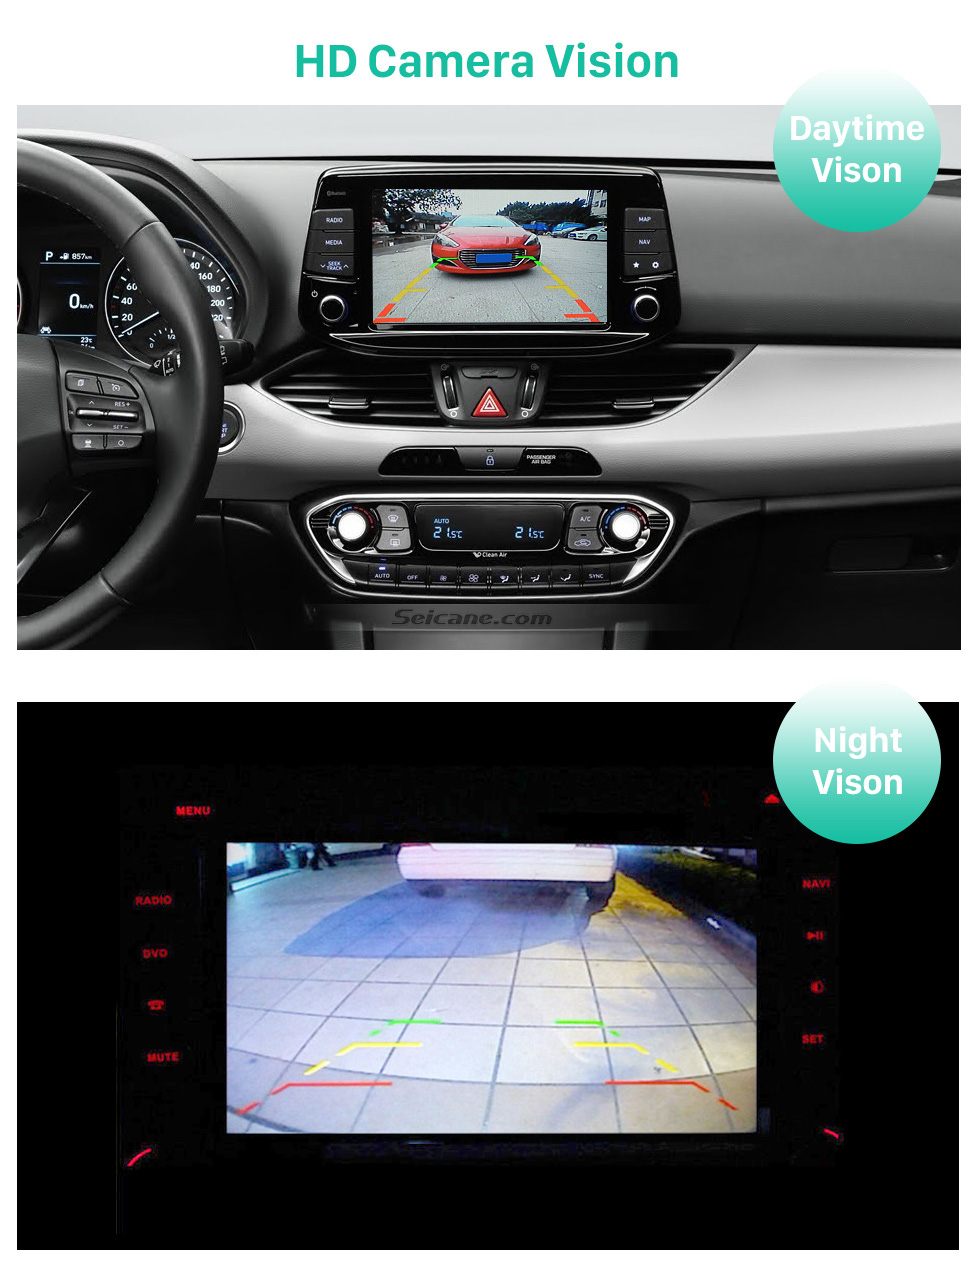 HD Camera Vision 170° HD à prova d'água azul régua Visão noturna Carro Retrovisor Câmera para Hyundai I30L ROHENS-Coupe Hyundai Veloster Frete grátis